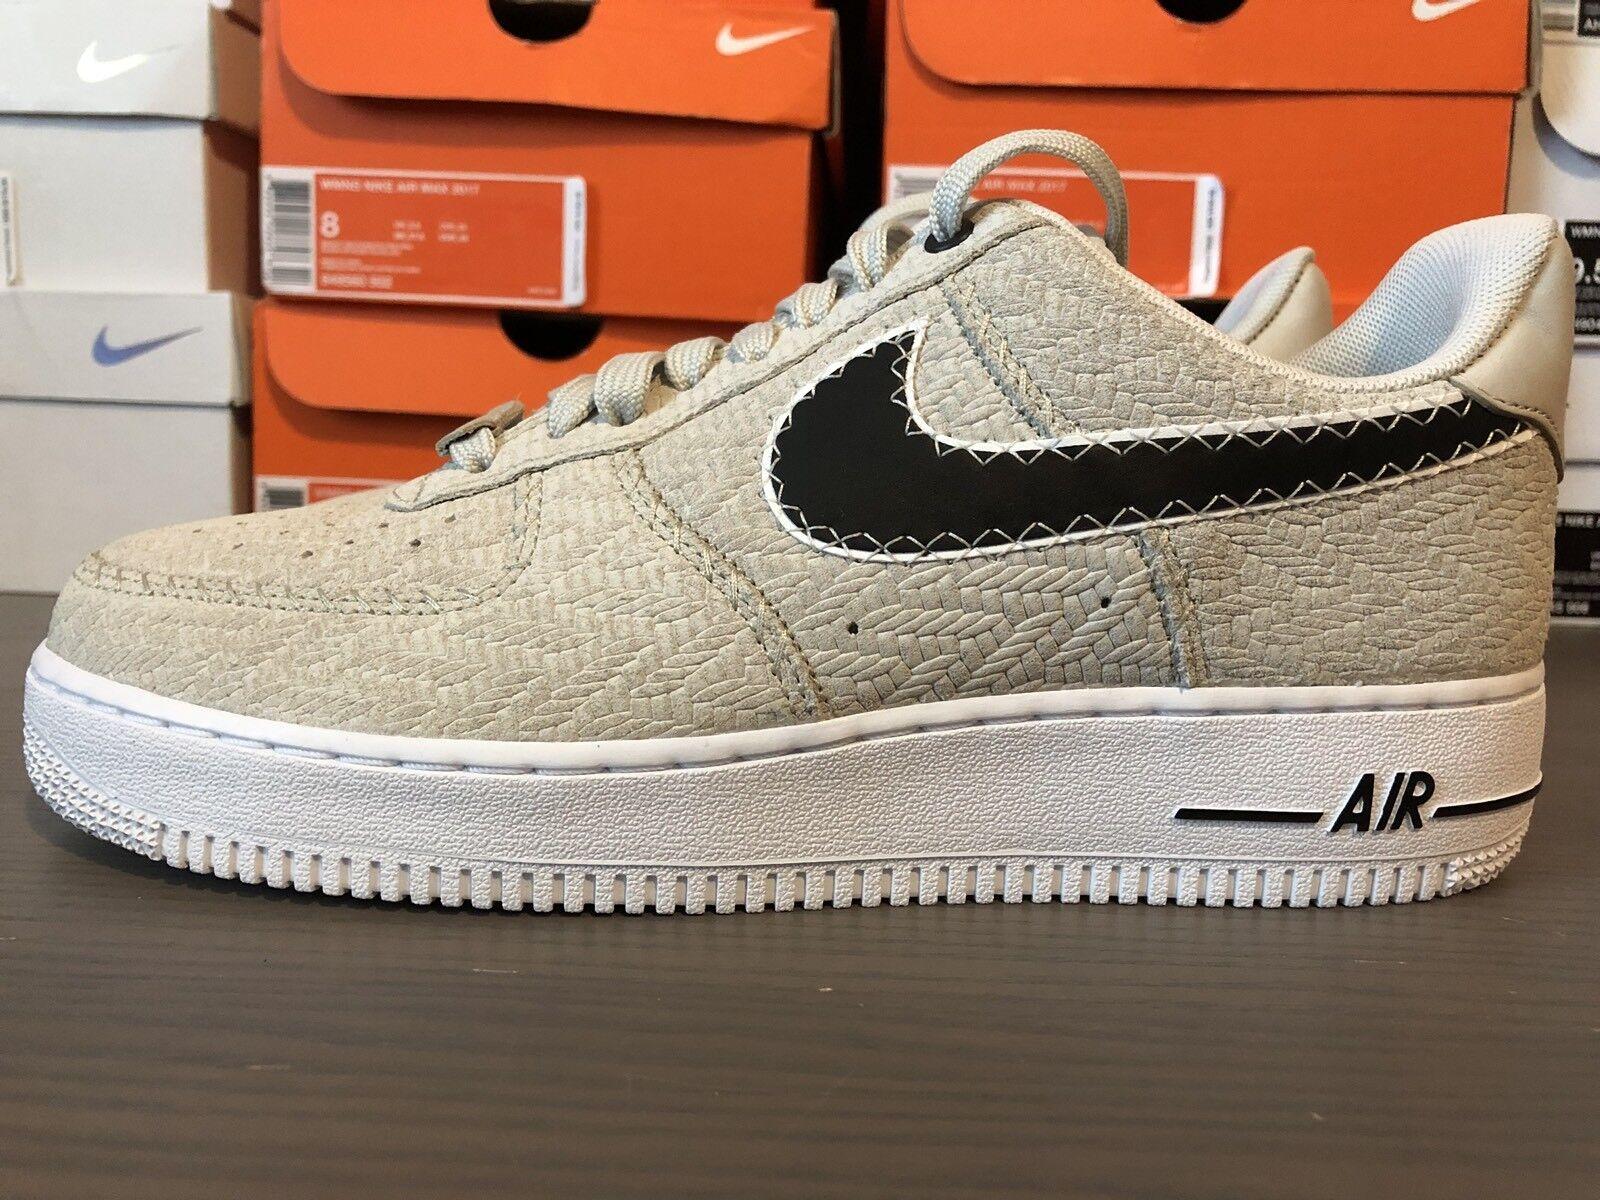 Nike Air Force 1 '07 N7 AO2369 001 SZ 8.5